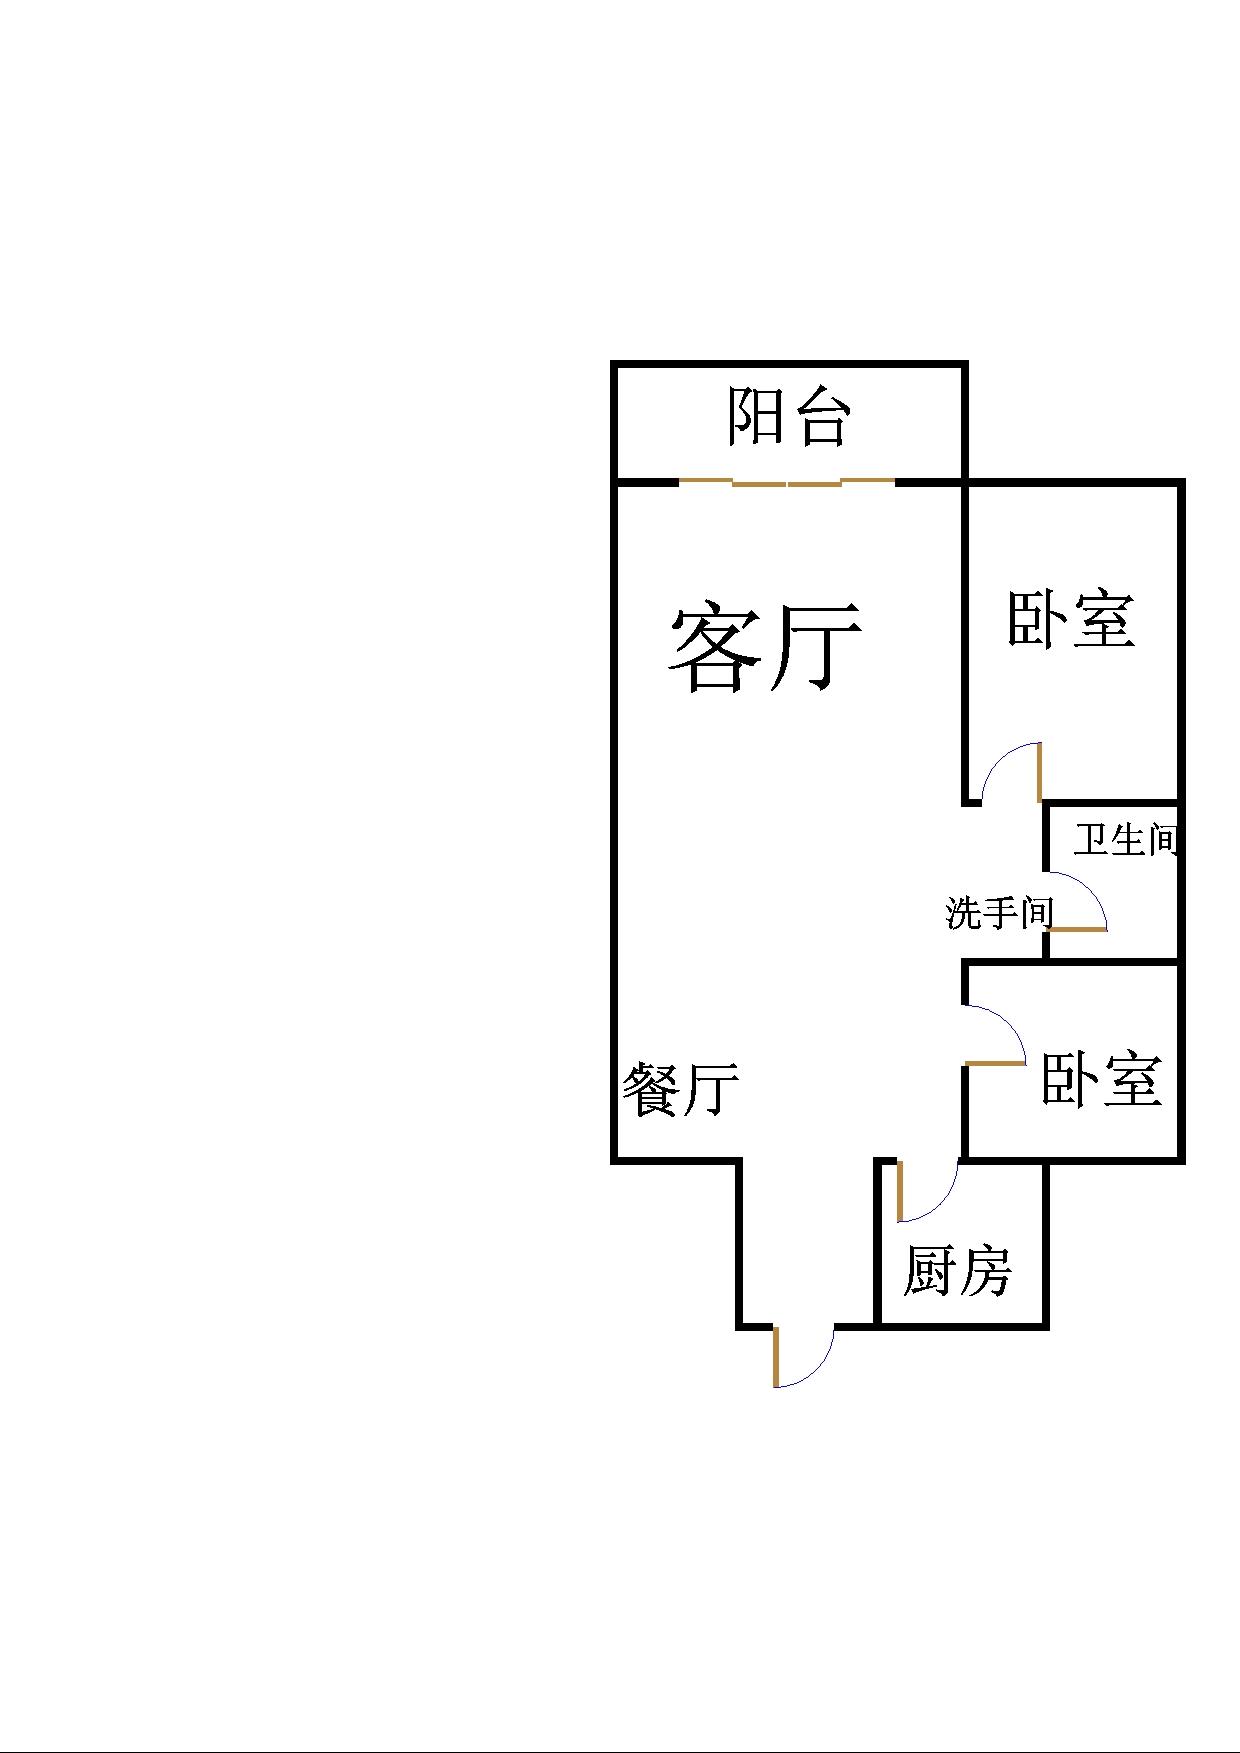 沙王社区 2室2厅 10楼